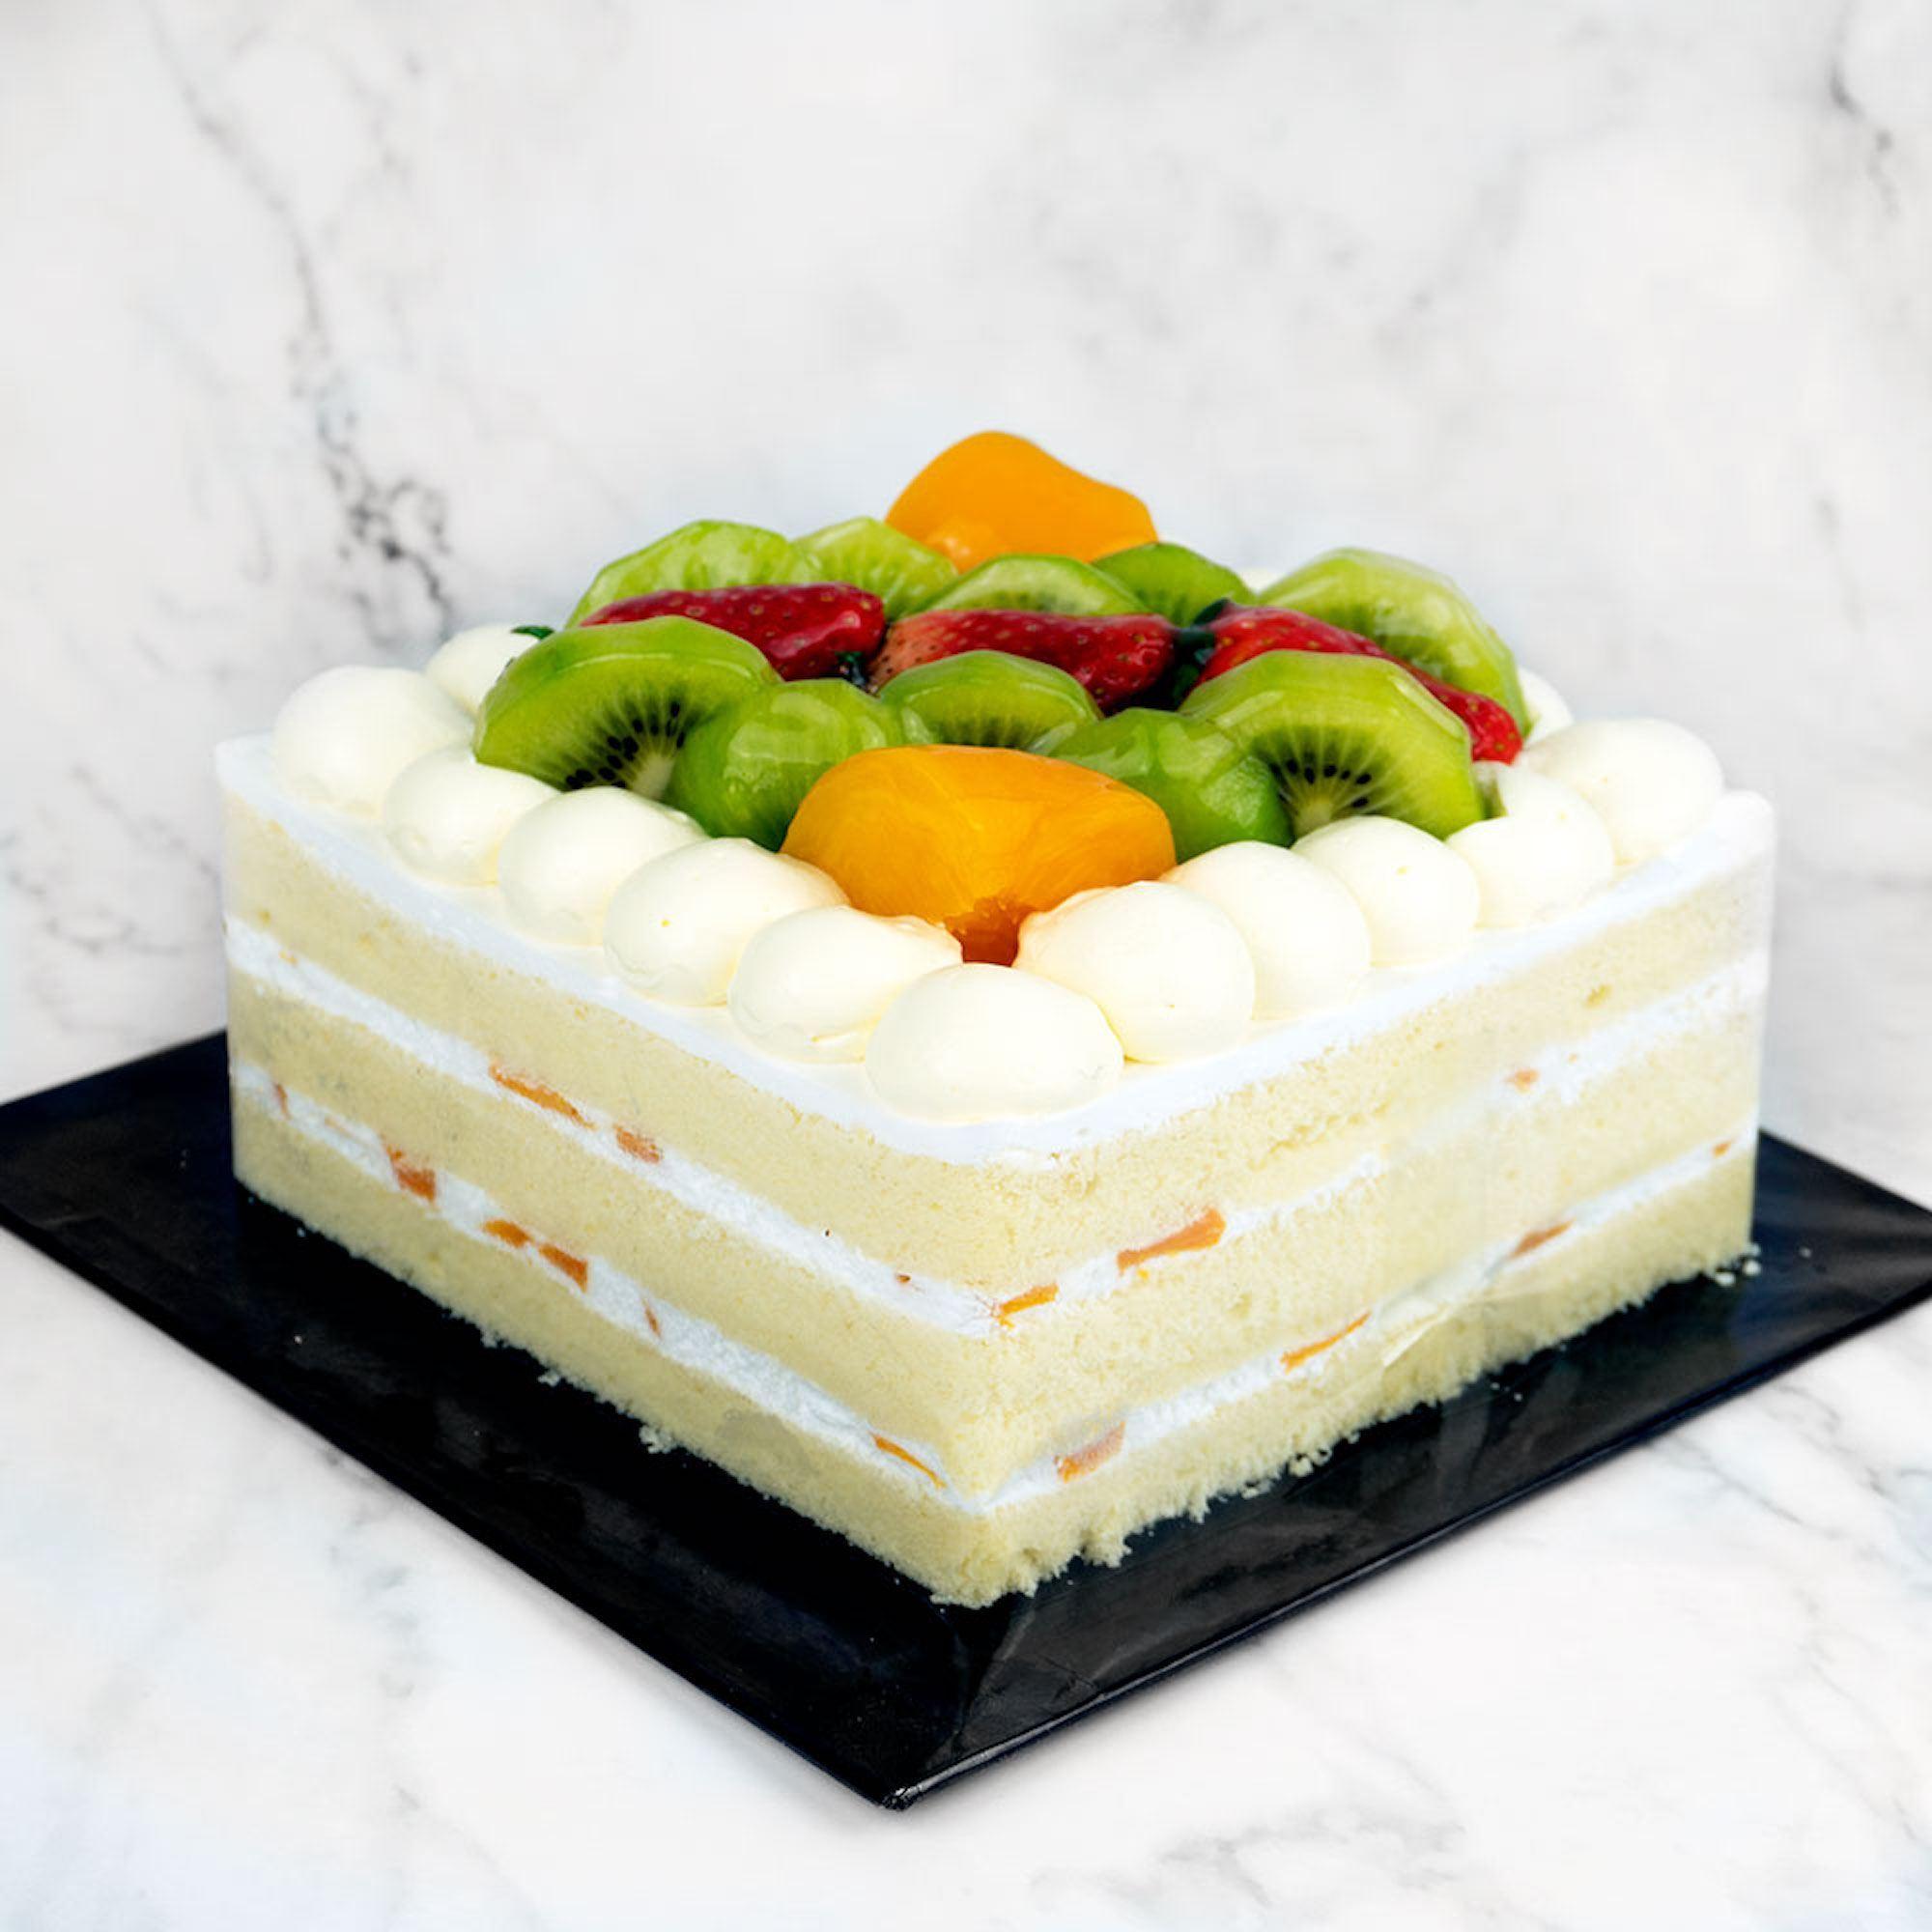 Chantilly Fresh Fruit Cake (Whole)